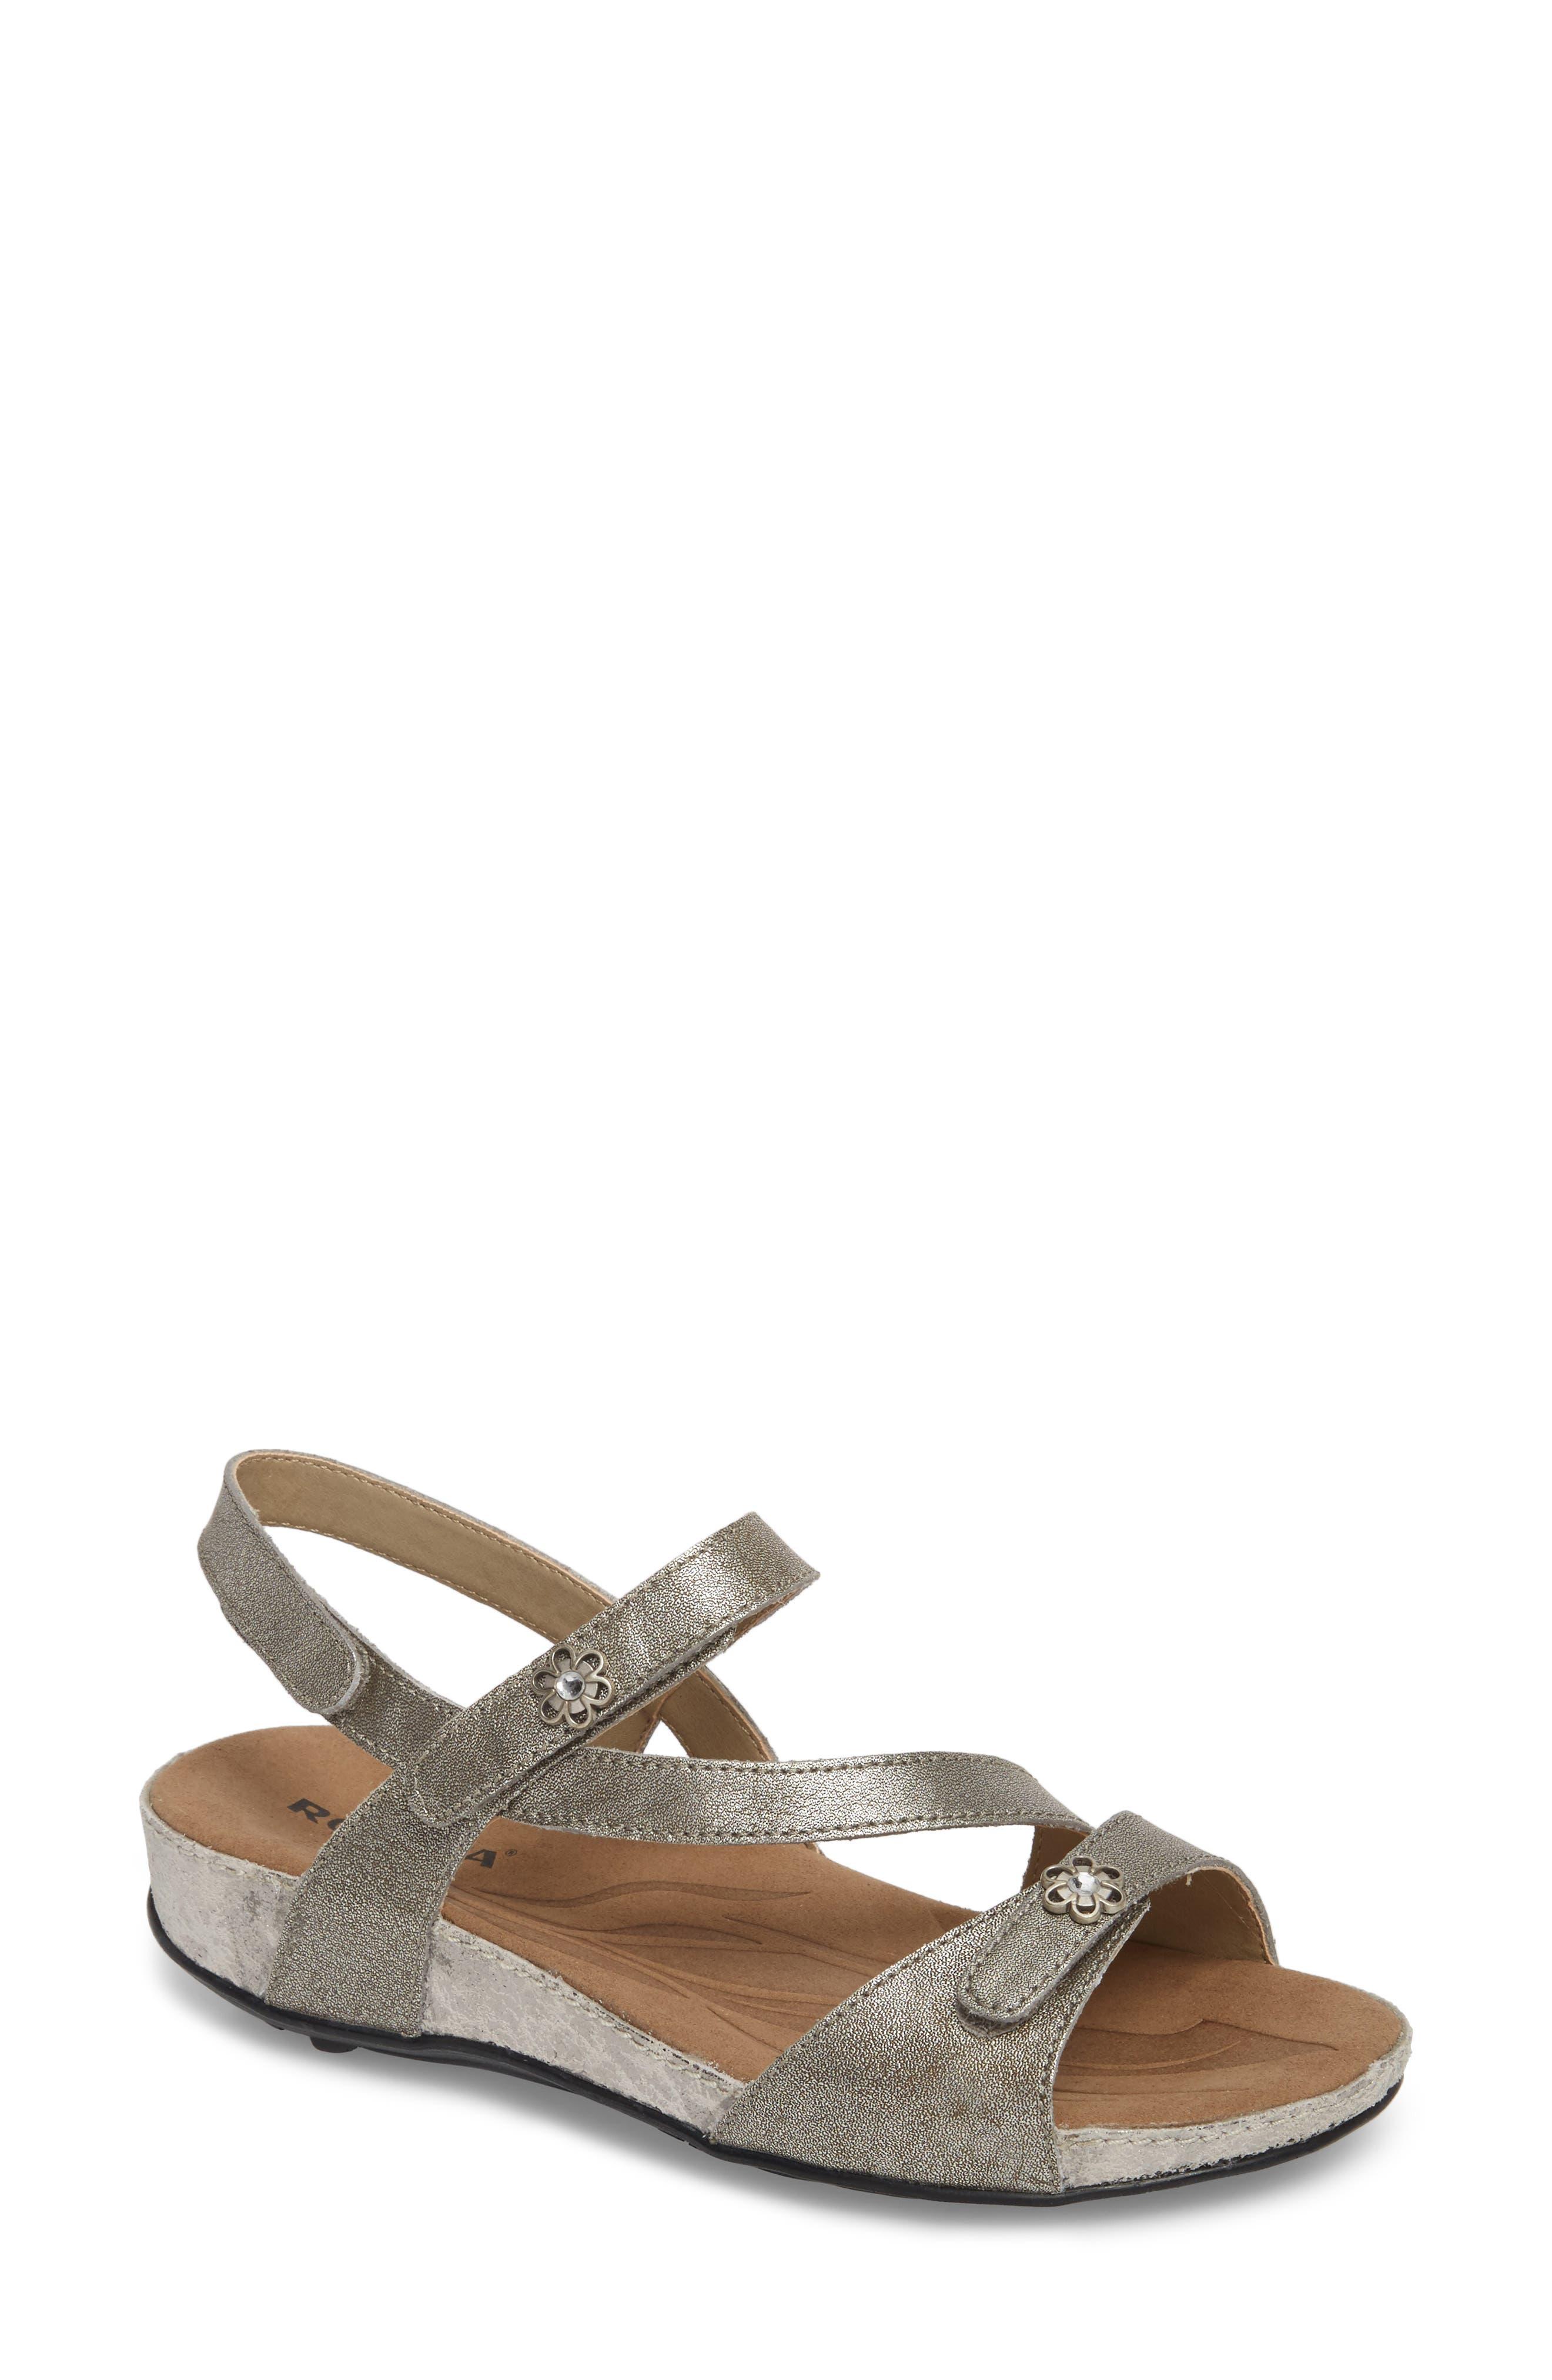 Women's Romika® Shoes